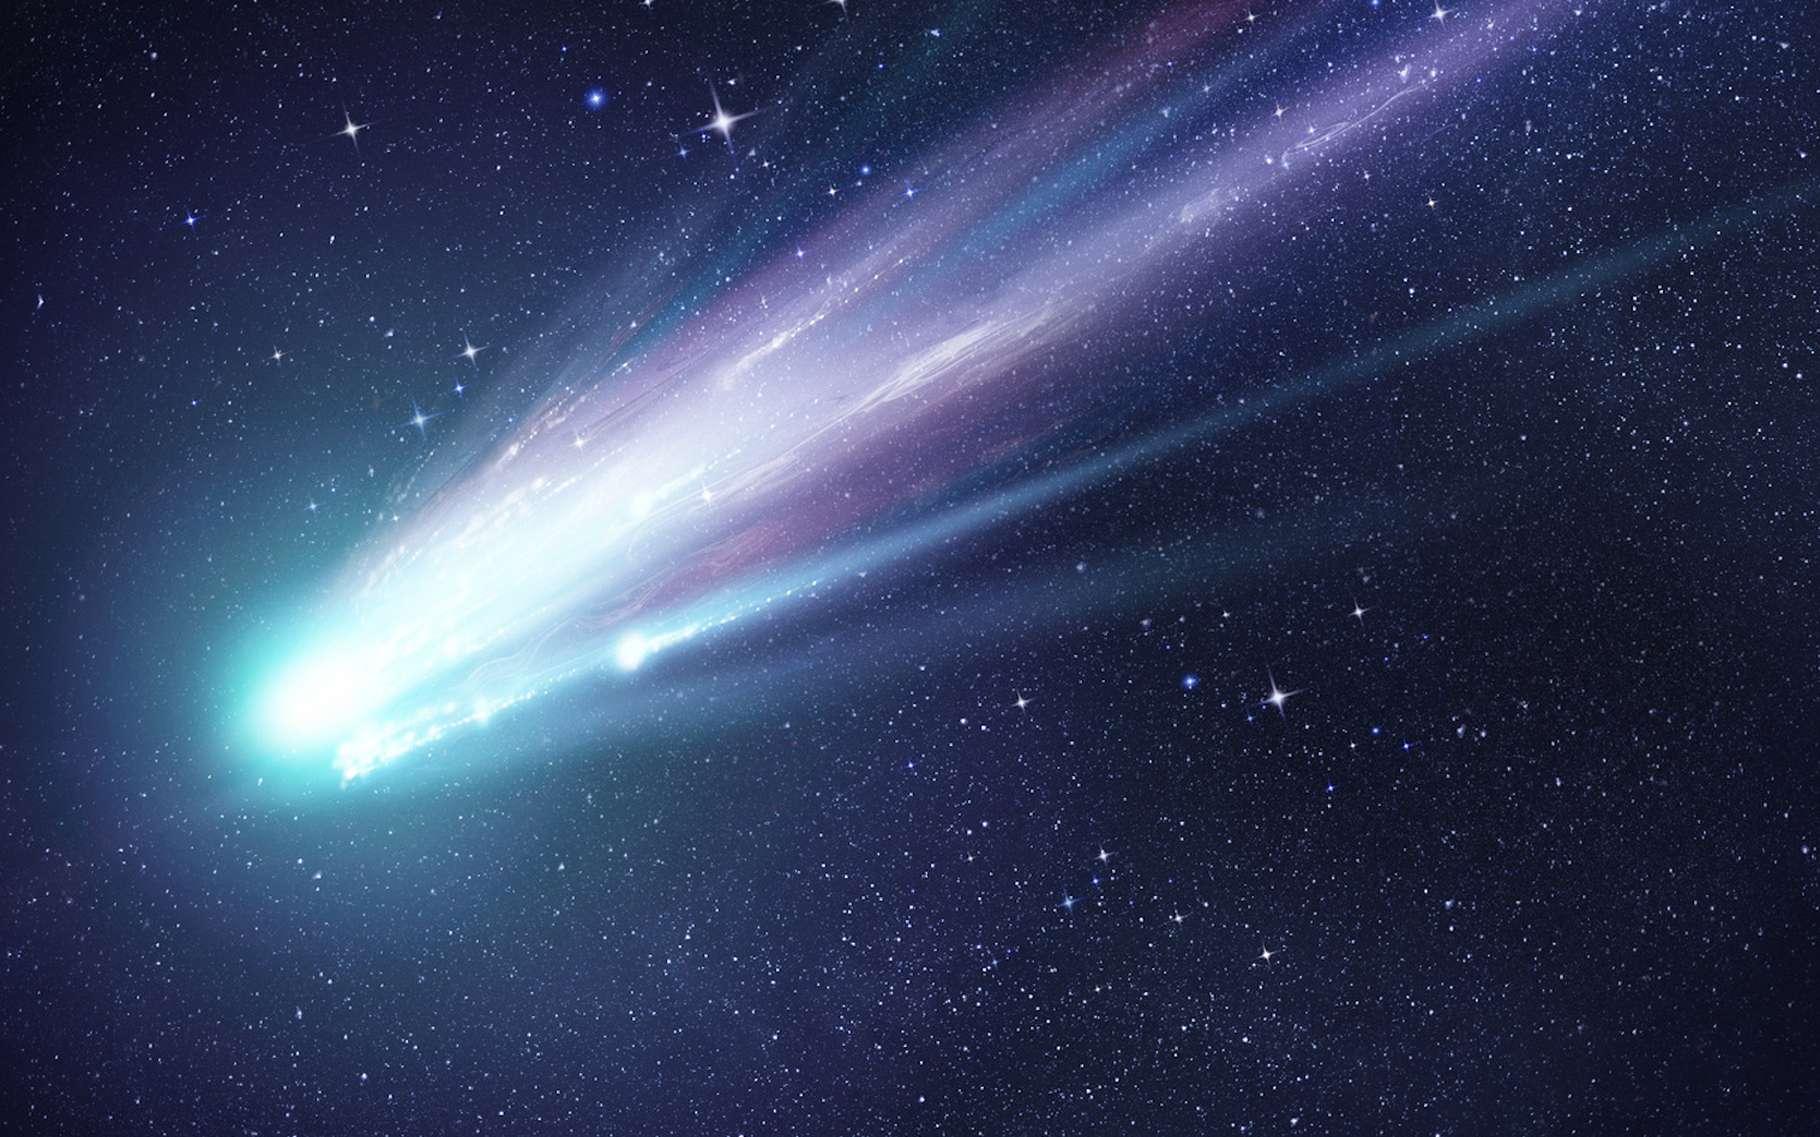 À l'image de ce que sont les orbites des comètes, celle de l'exoplanète baptisée HR 5183 b est très excentrique. © James Thew, Fotolia